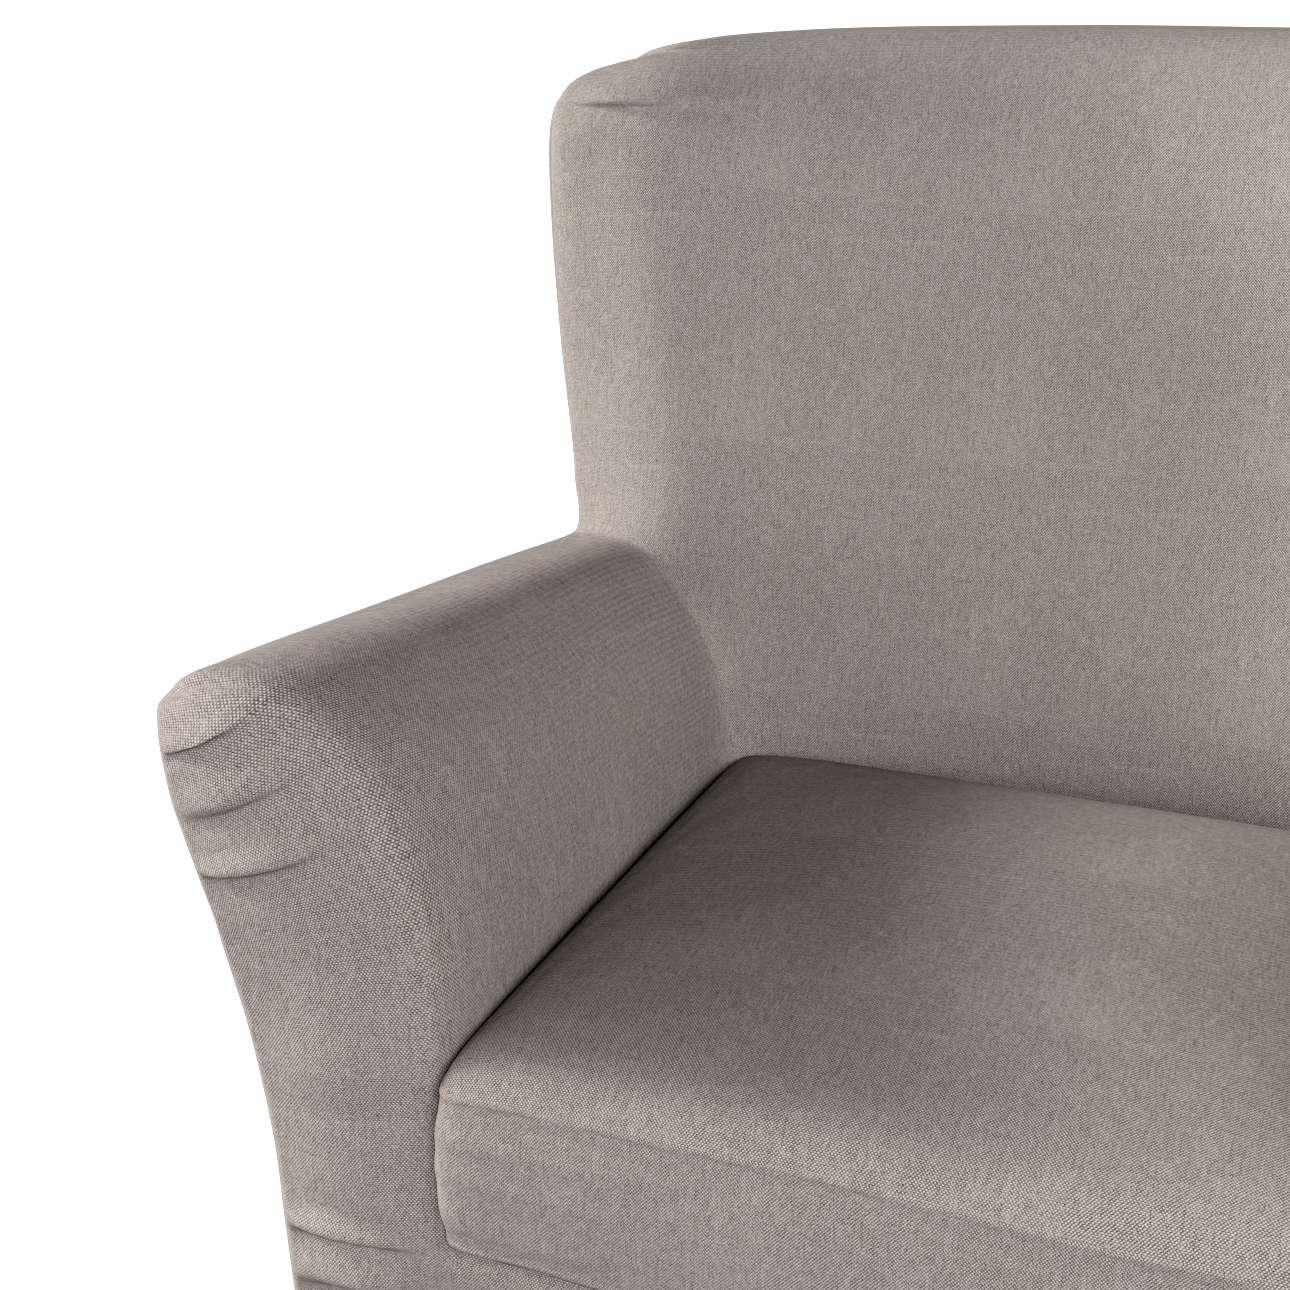 Pokrowiec na fotel Tomelilla z zakładkami w kolekcji Etna, tkanina: 705-09